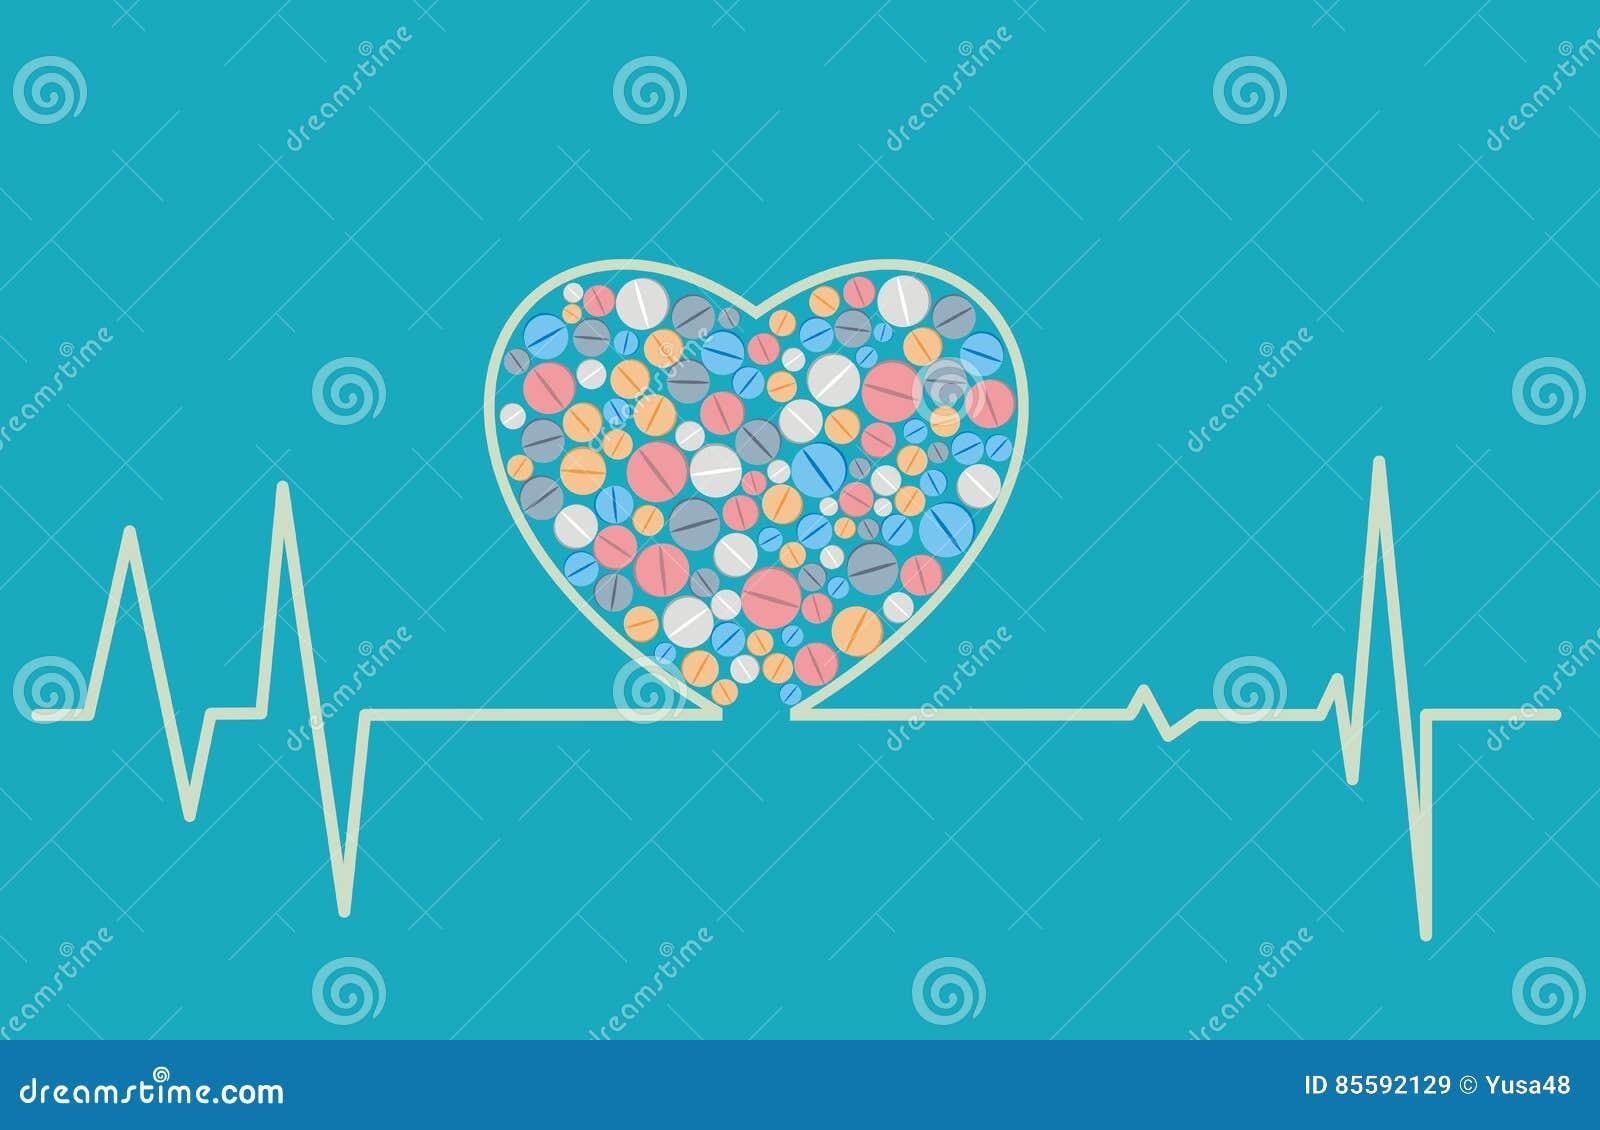 Concetto di salute - un cardiogramma a forma di cuore include le compresse